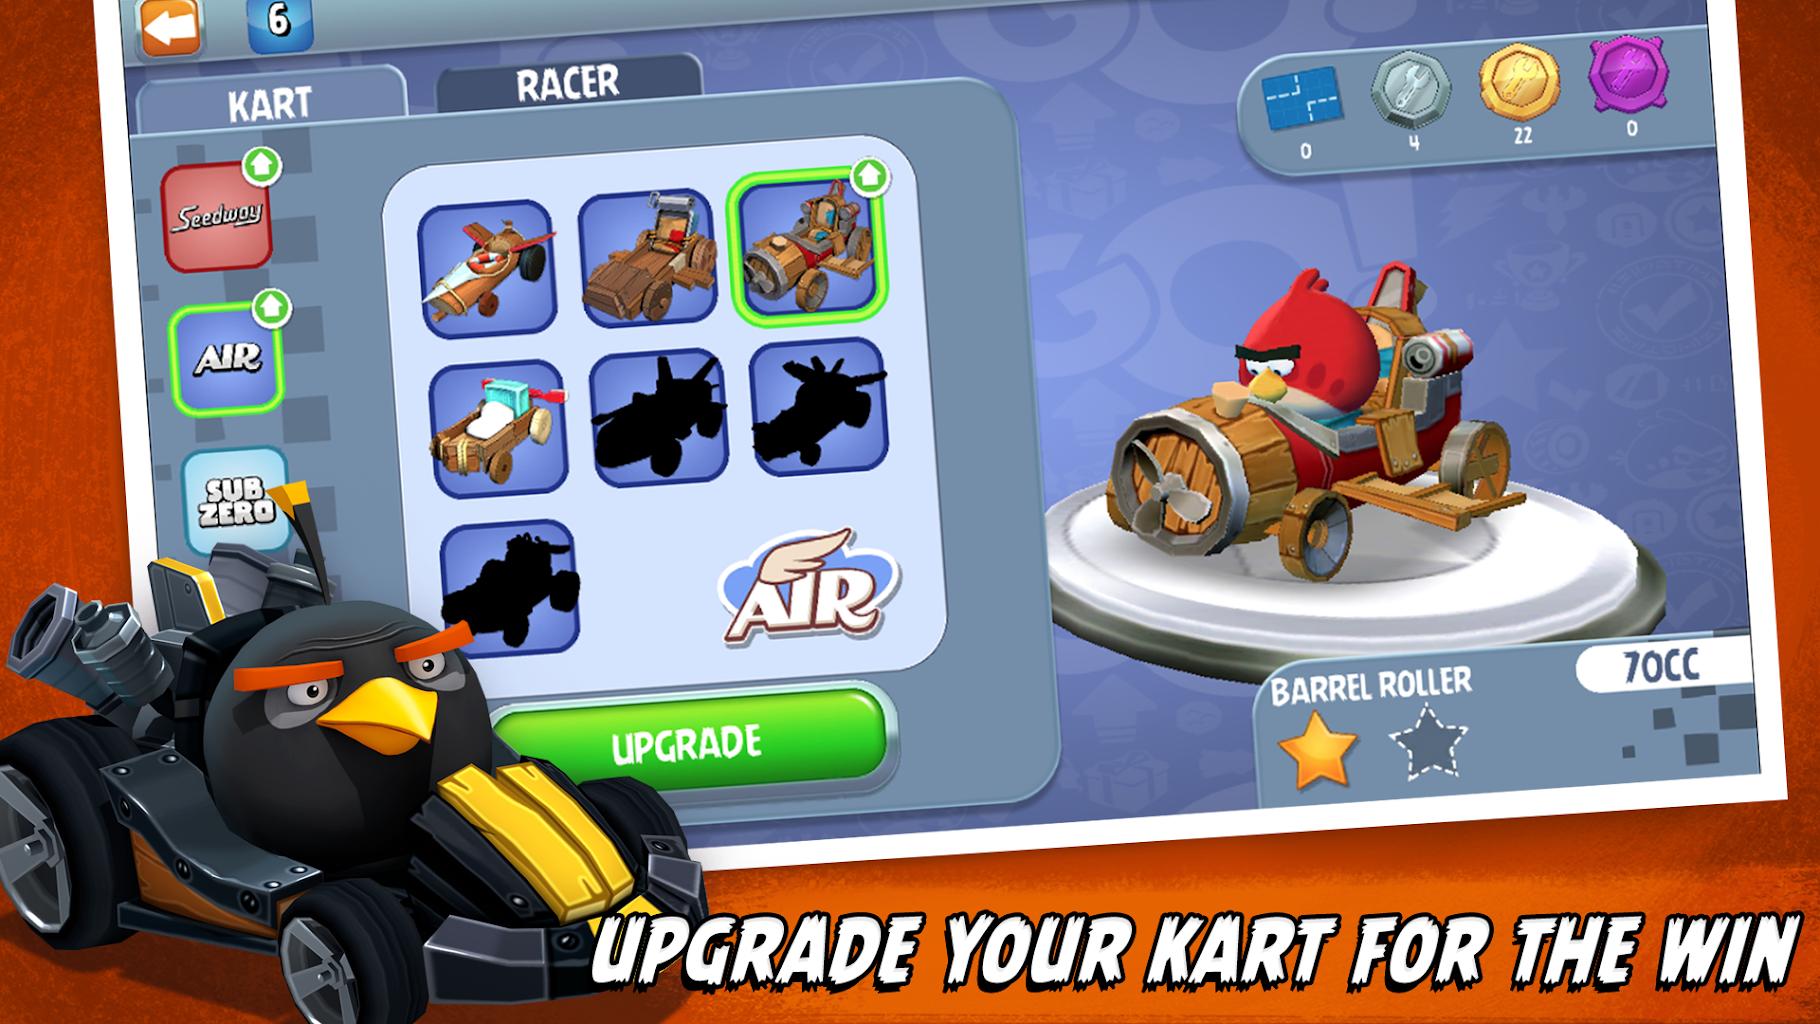 Angry Birds Go! 2.9.1 Apk + OBB Download - com.rovio.angrybirdsgo APK + OBB  free